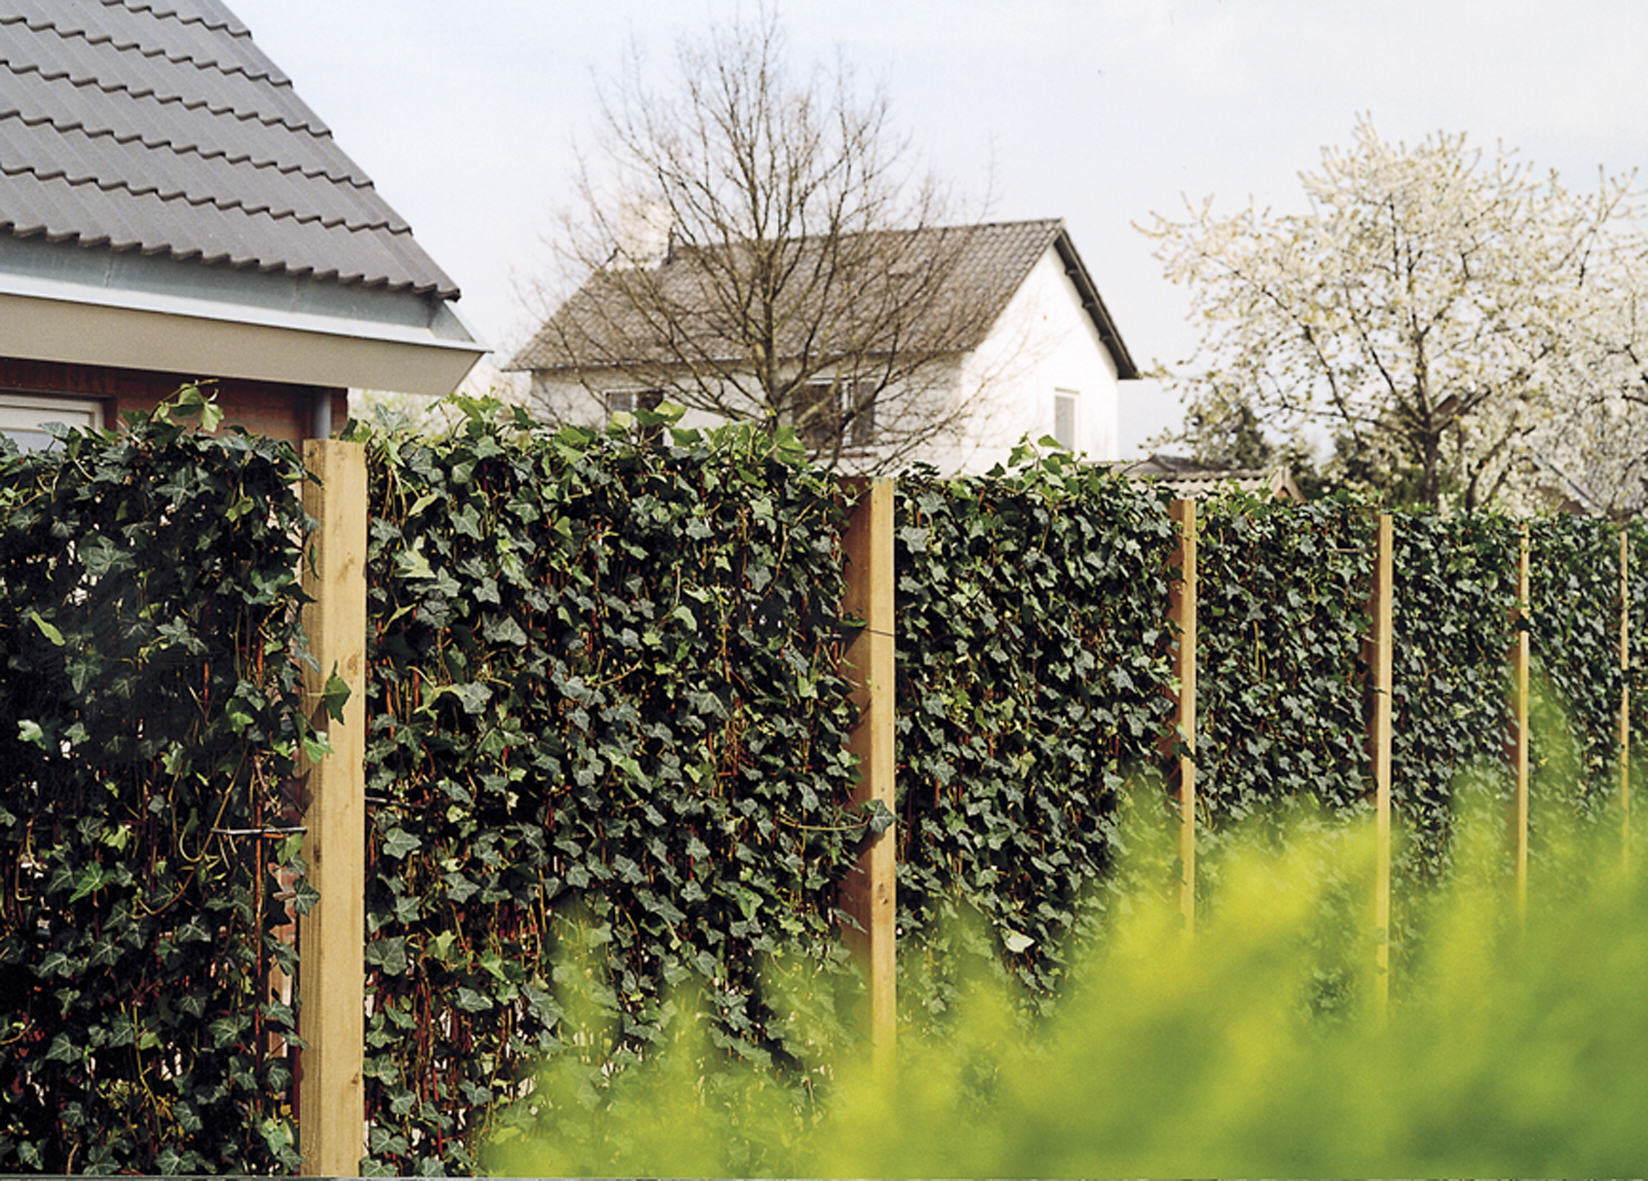 die hecke am laufenden meter zaun pflanzen oder hecke bauen moderner sichtschutz im garten. Black Bedroom Furniture Sets. Home Design Ideas